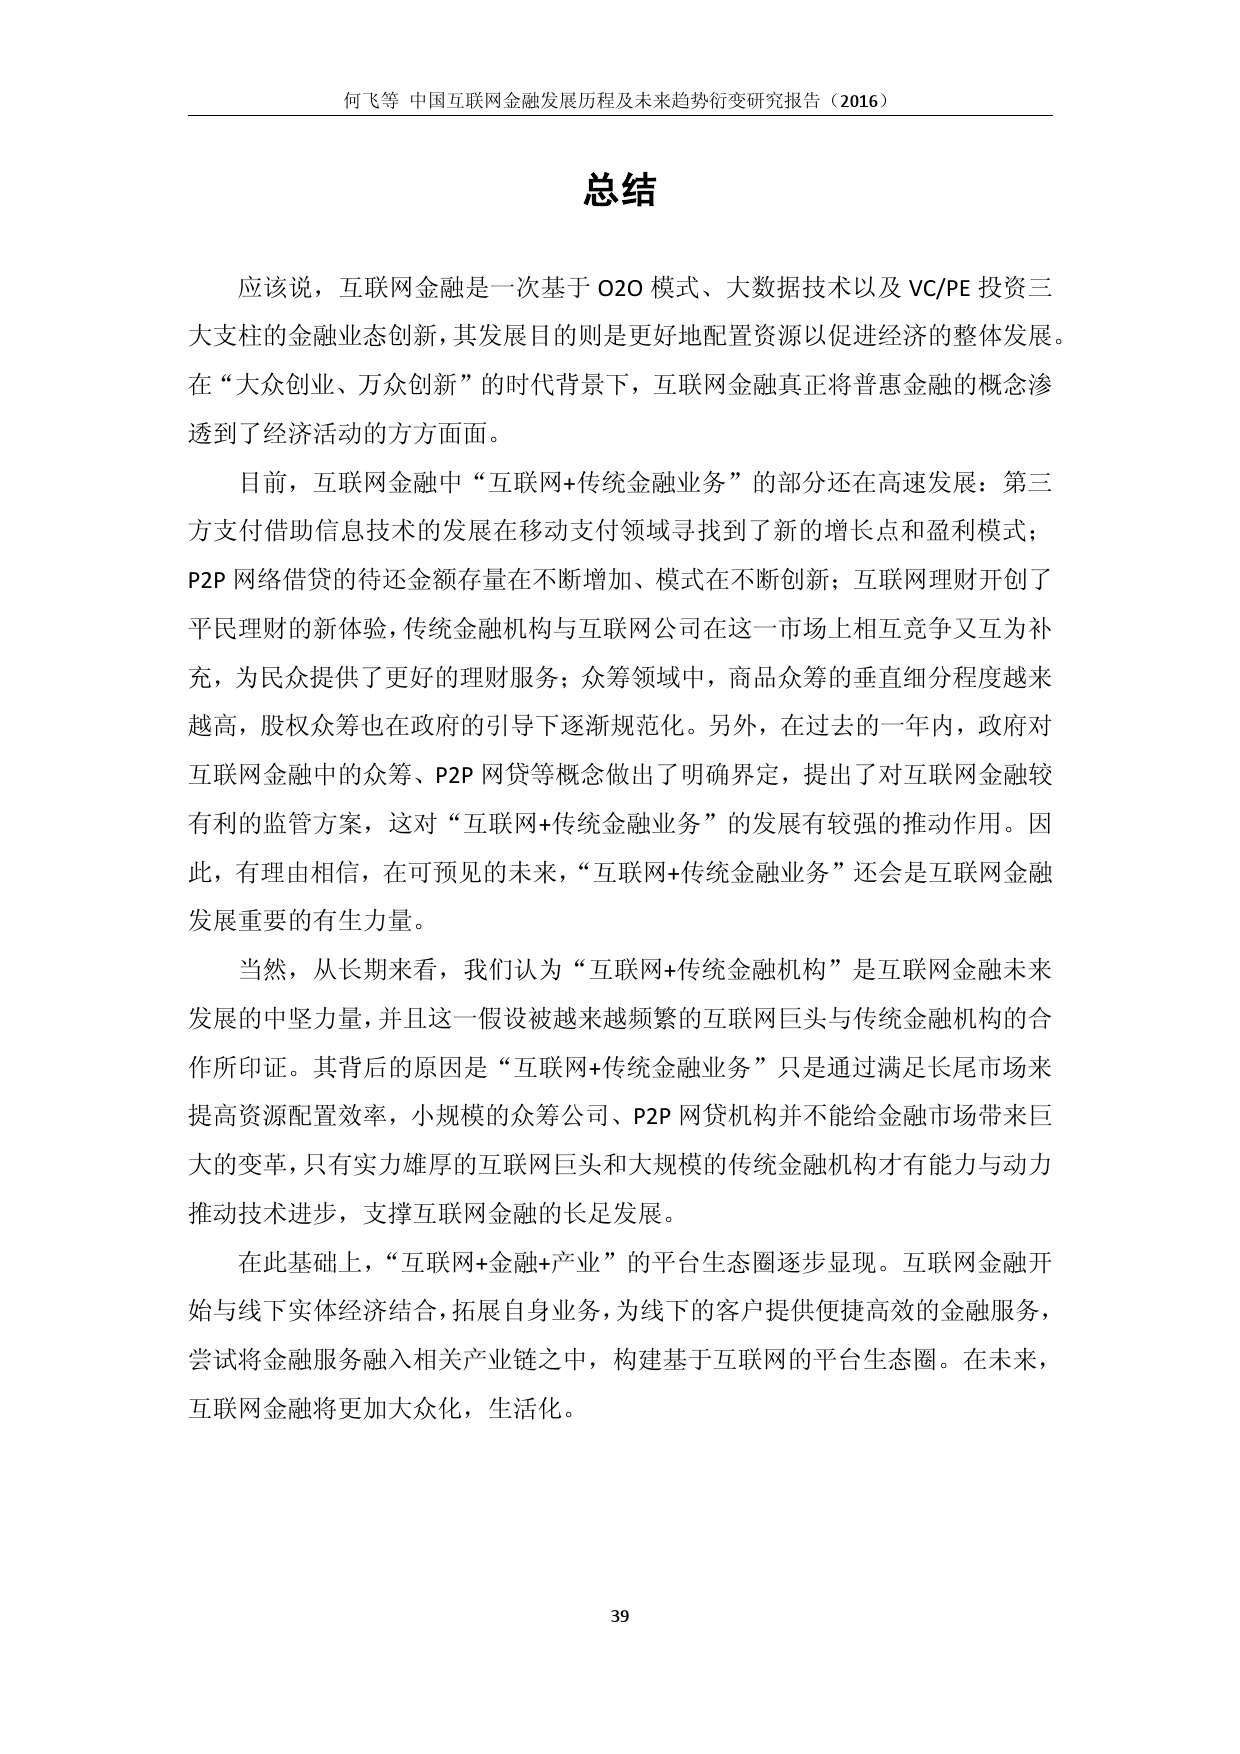 中国互联网金融发展历程及未来趋势衍变研究报告(2016)_000044